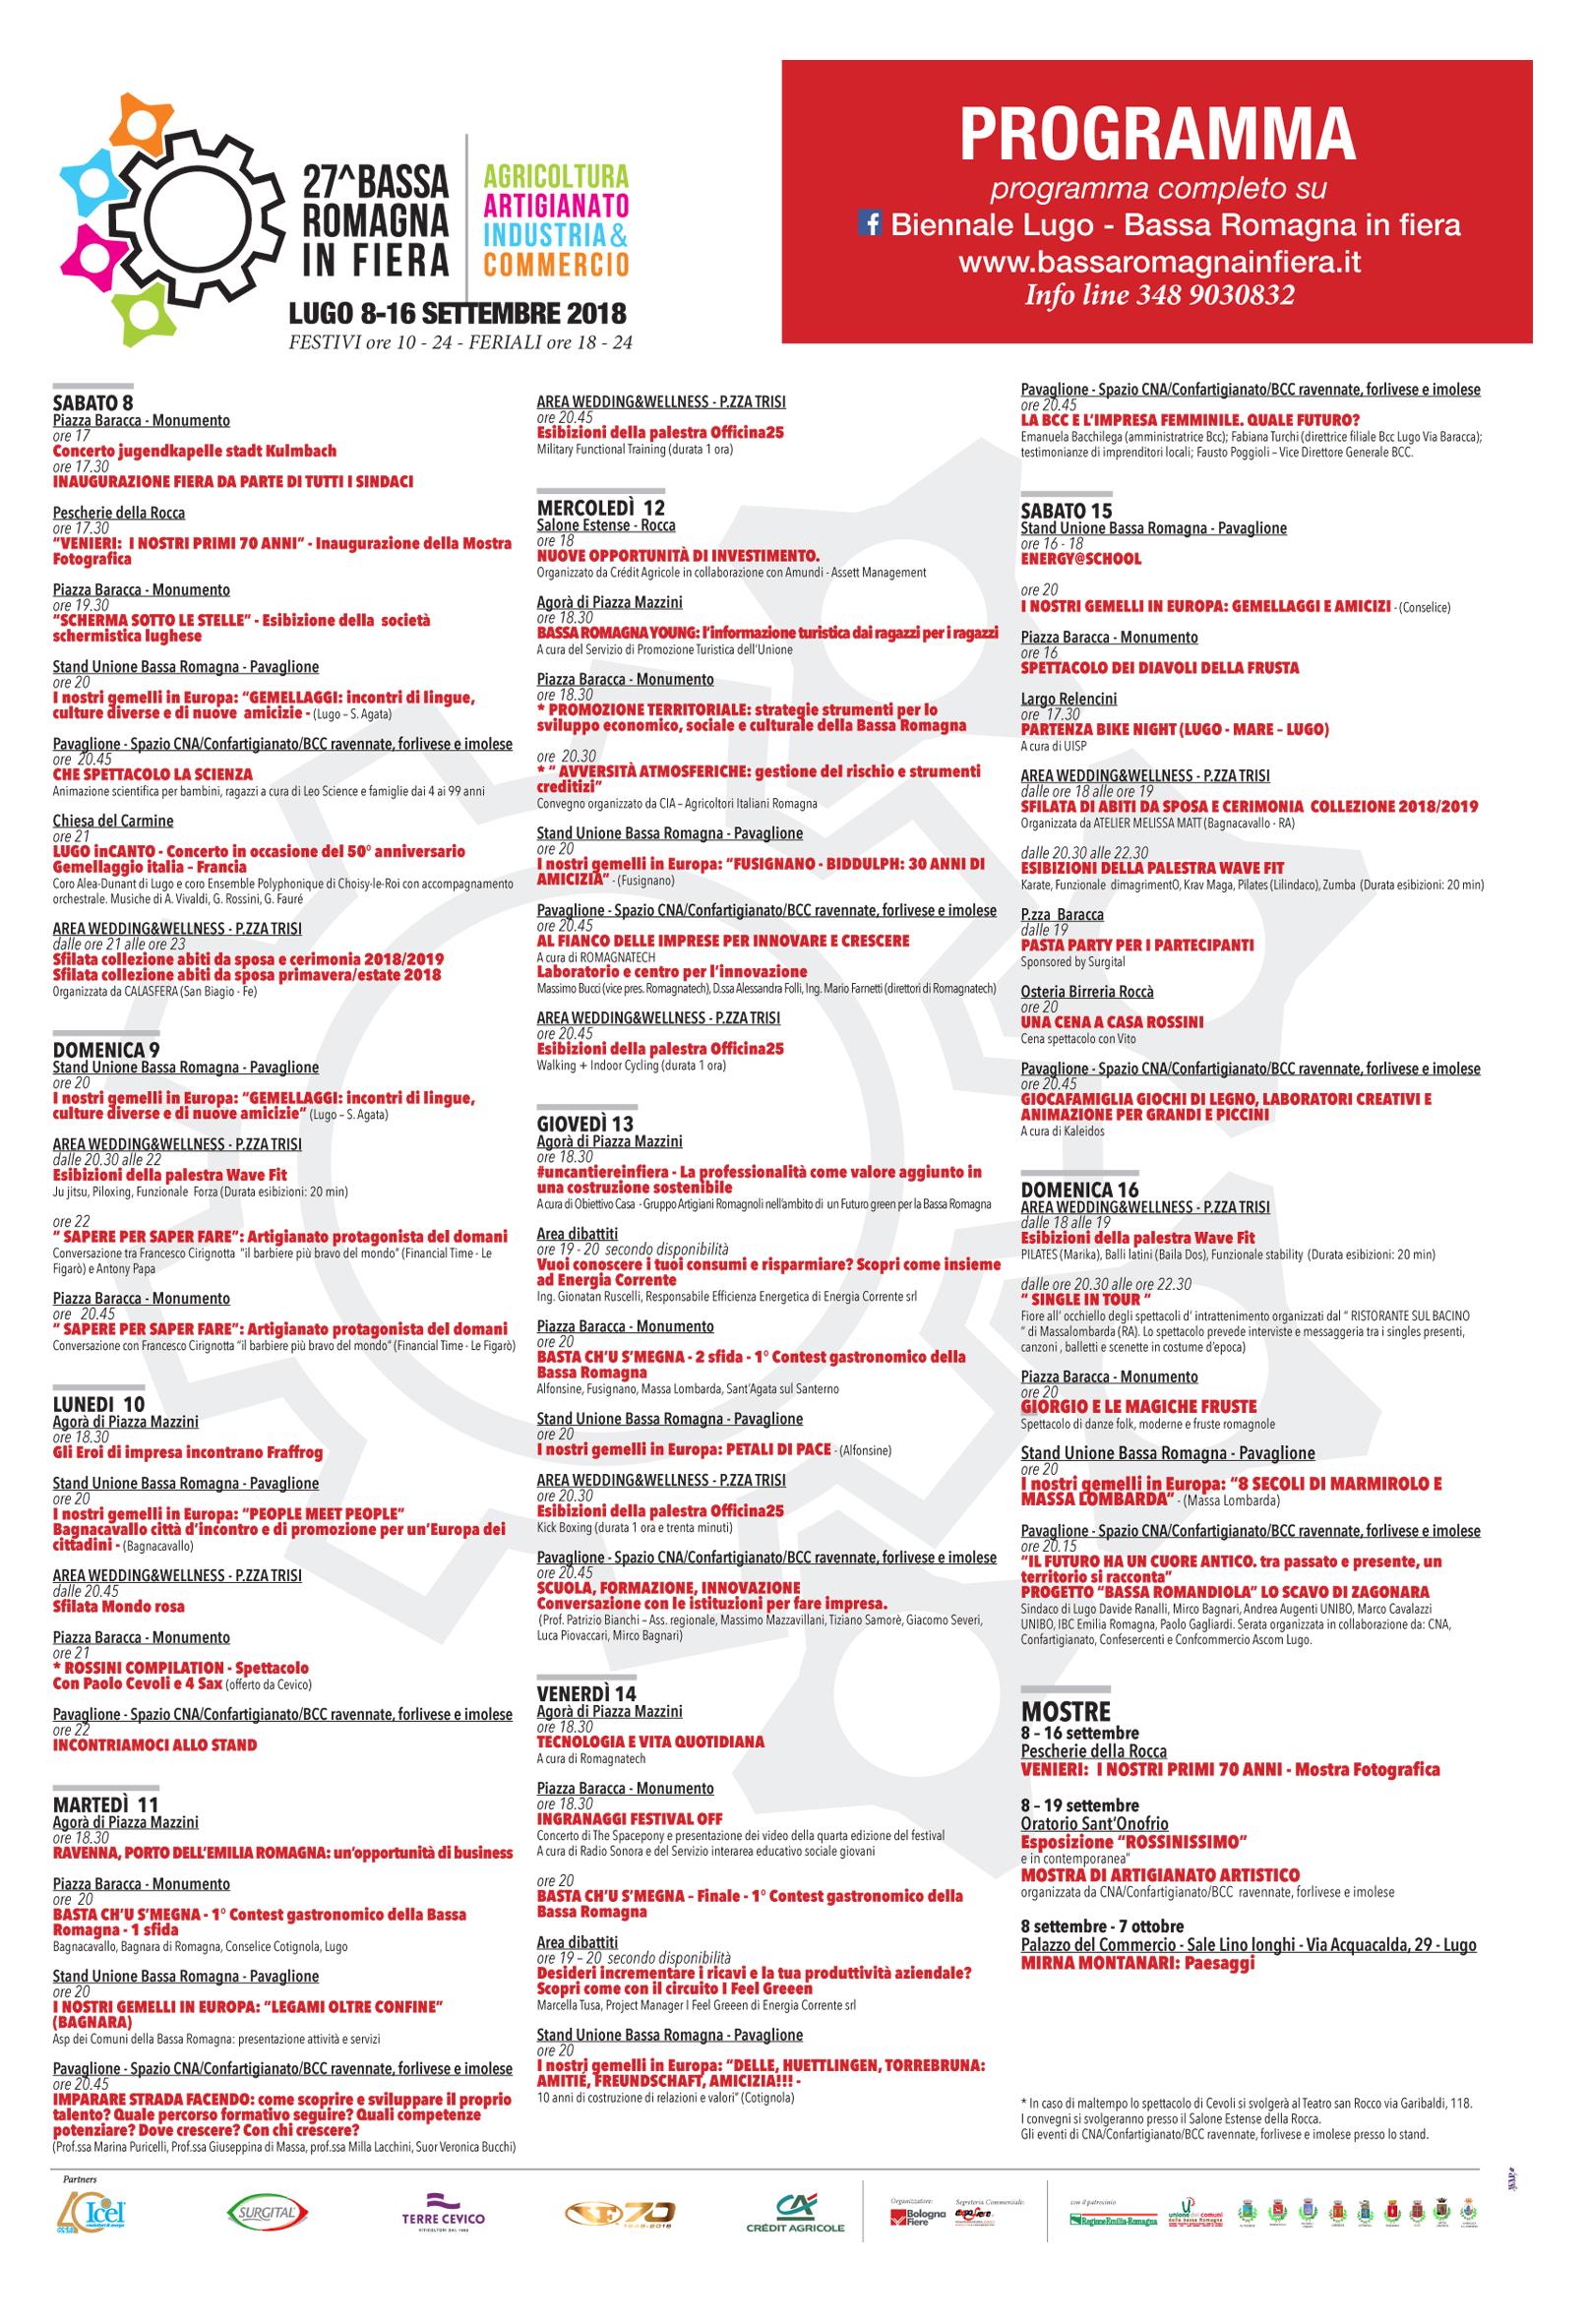 Manifesto con programma FIERA BIENNALE LUGO 2018